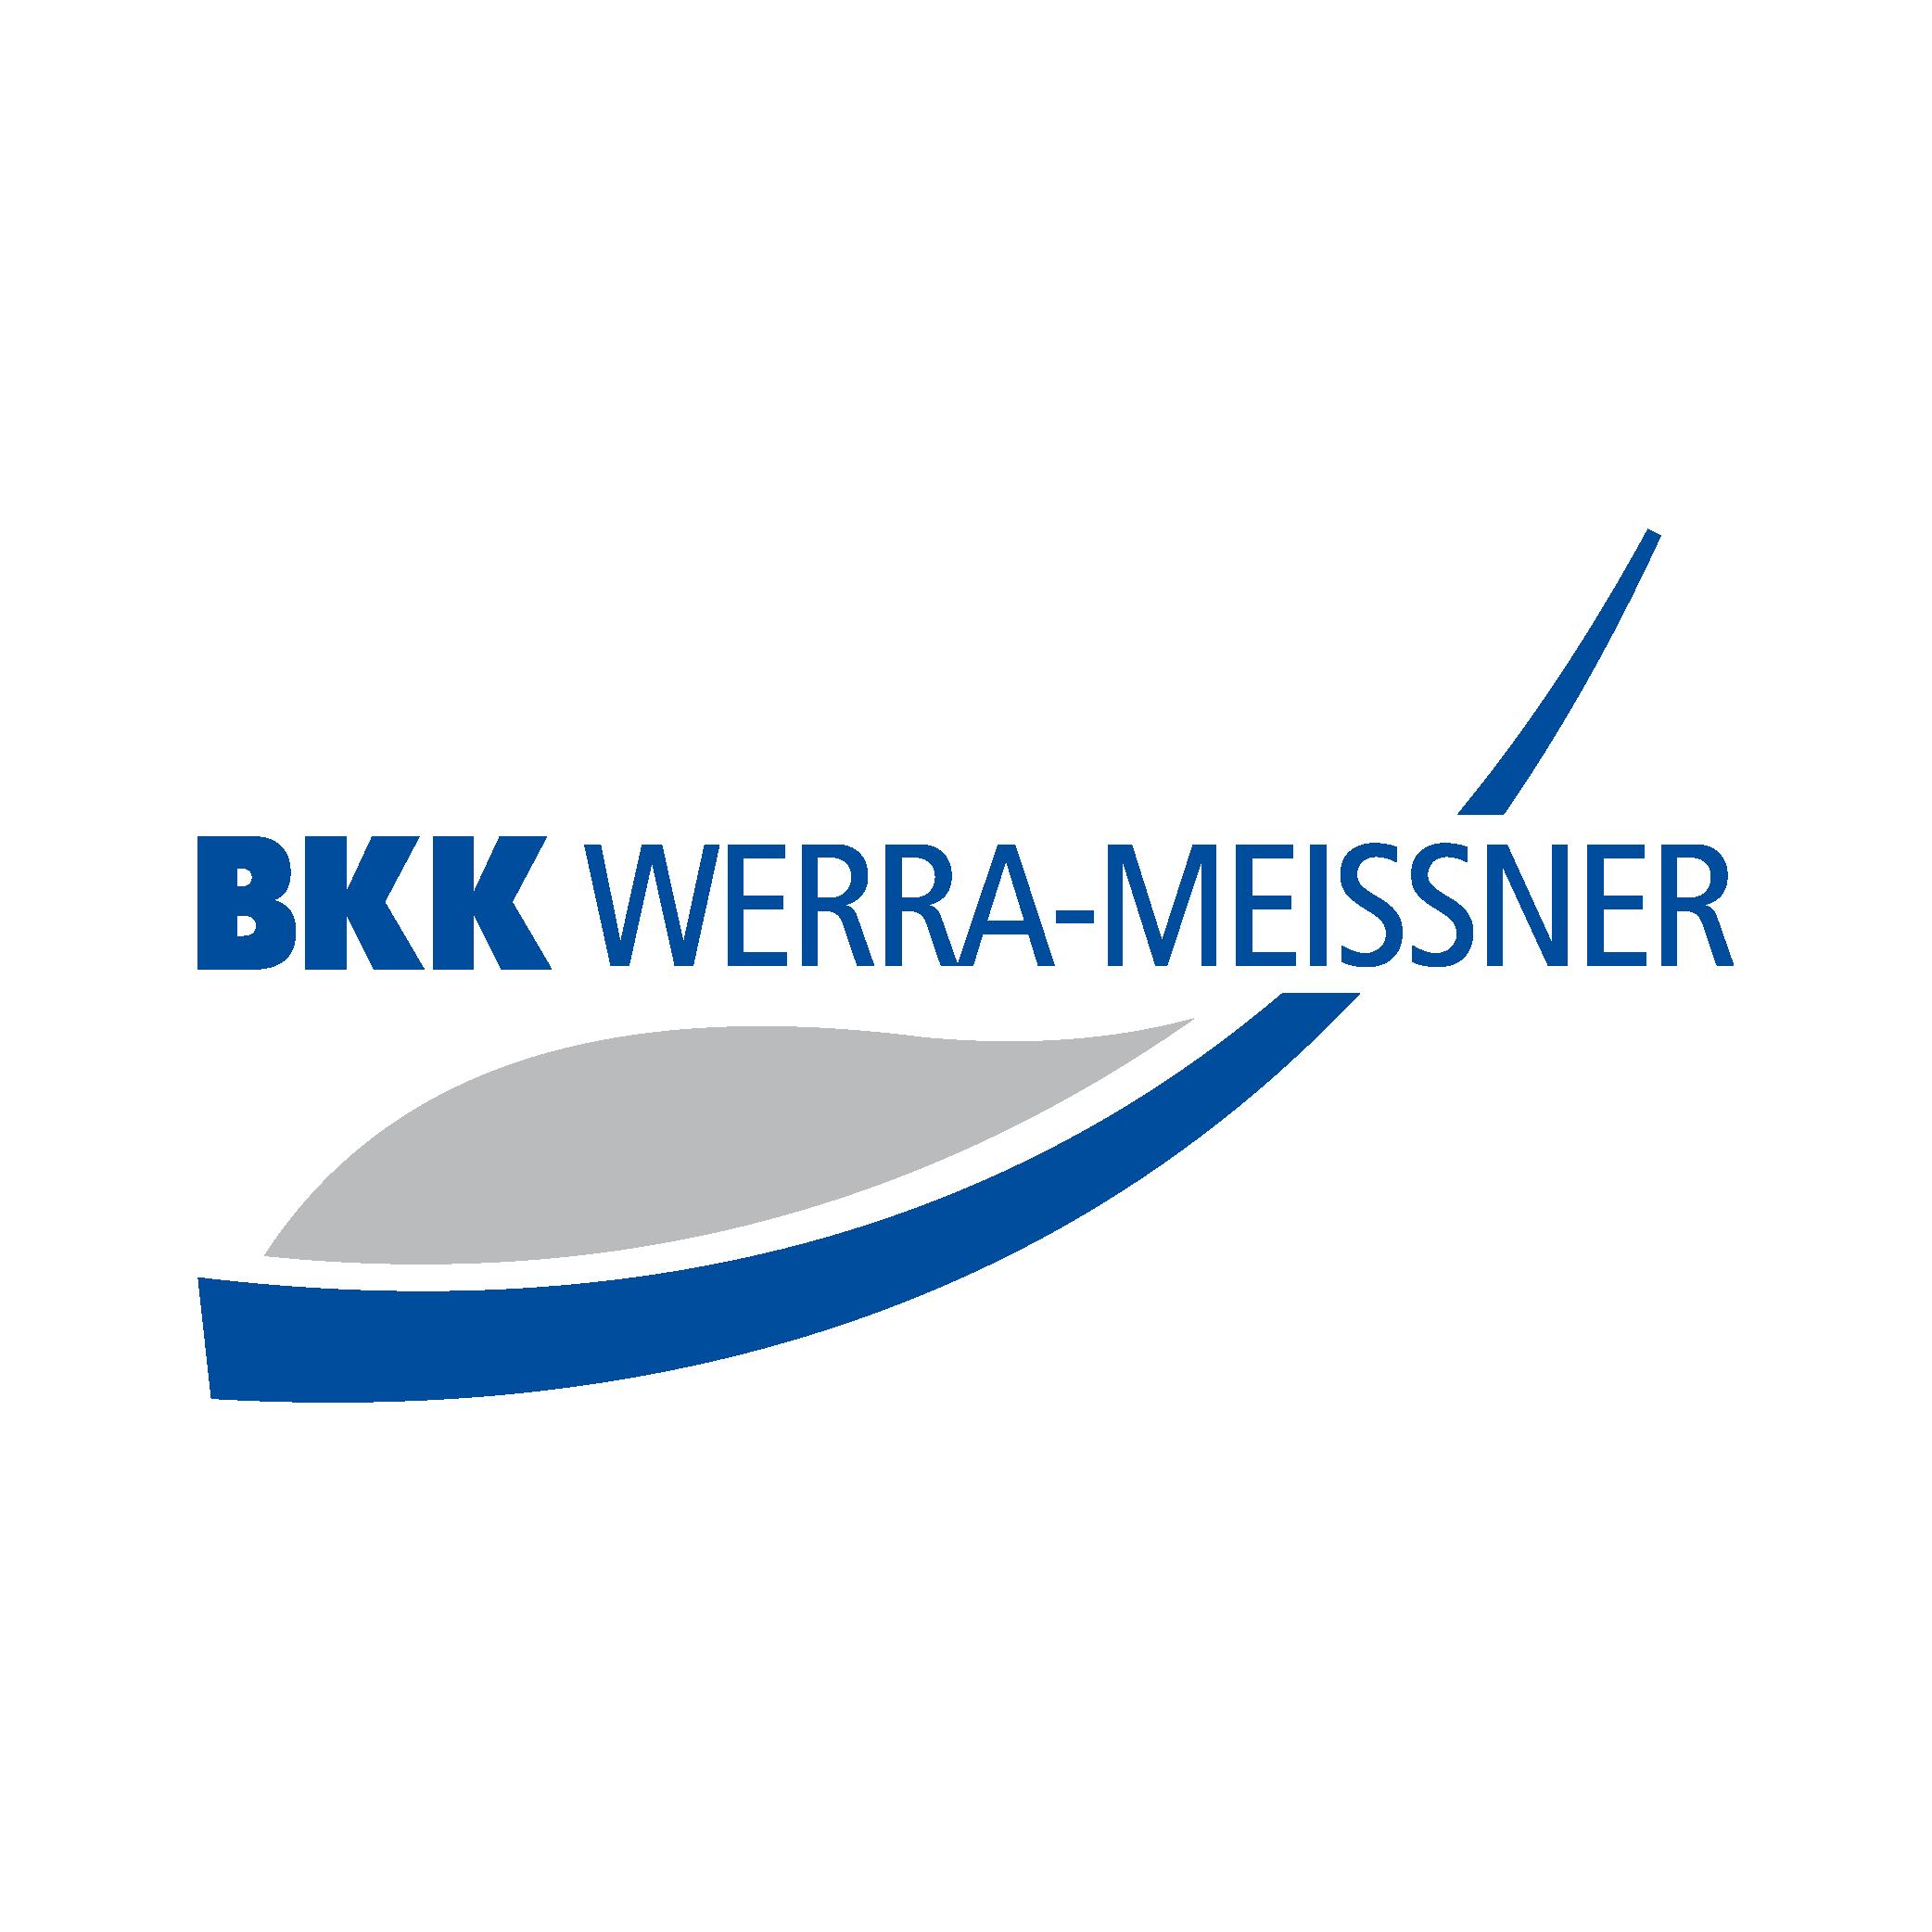 Markenzeichen der BKK Werra-Meissner